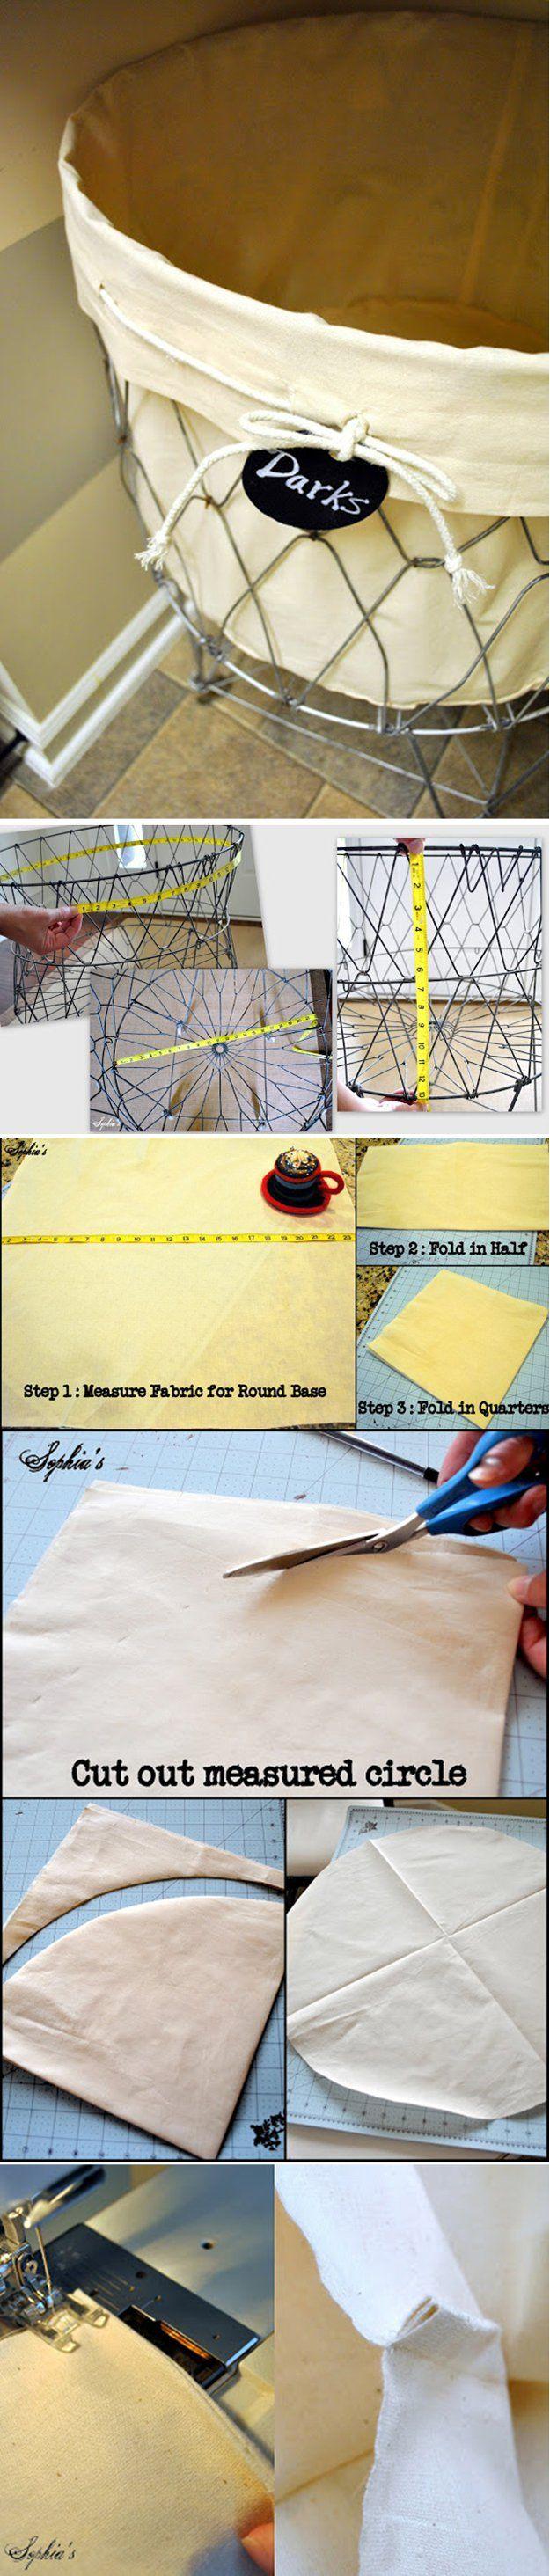 Impresionante Ideas Lavandería almacenamiento de bricolaje | http://artesaniasdebricolaje.ru/laundry-room-organization-ideas/